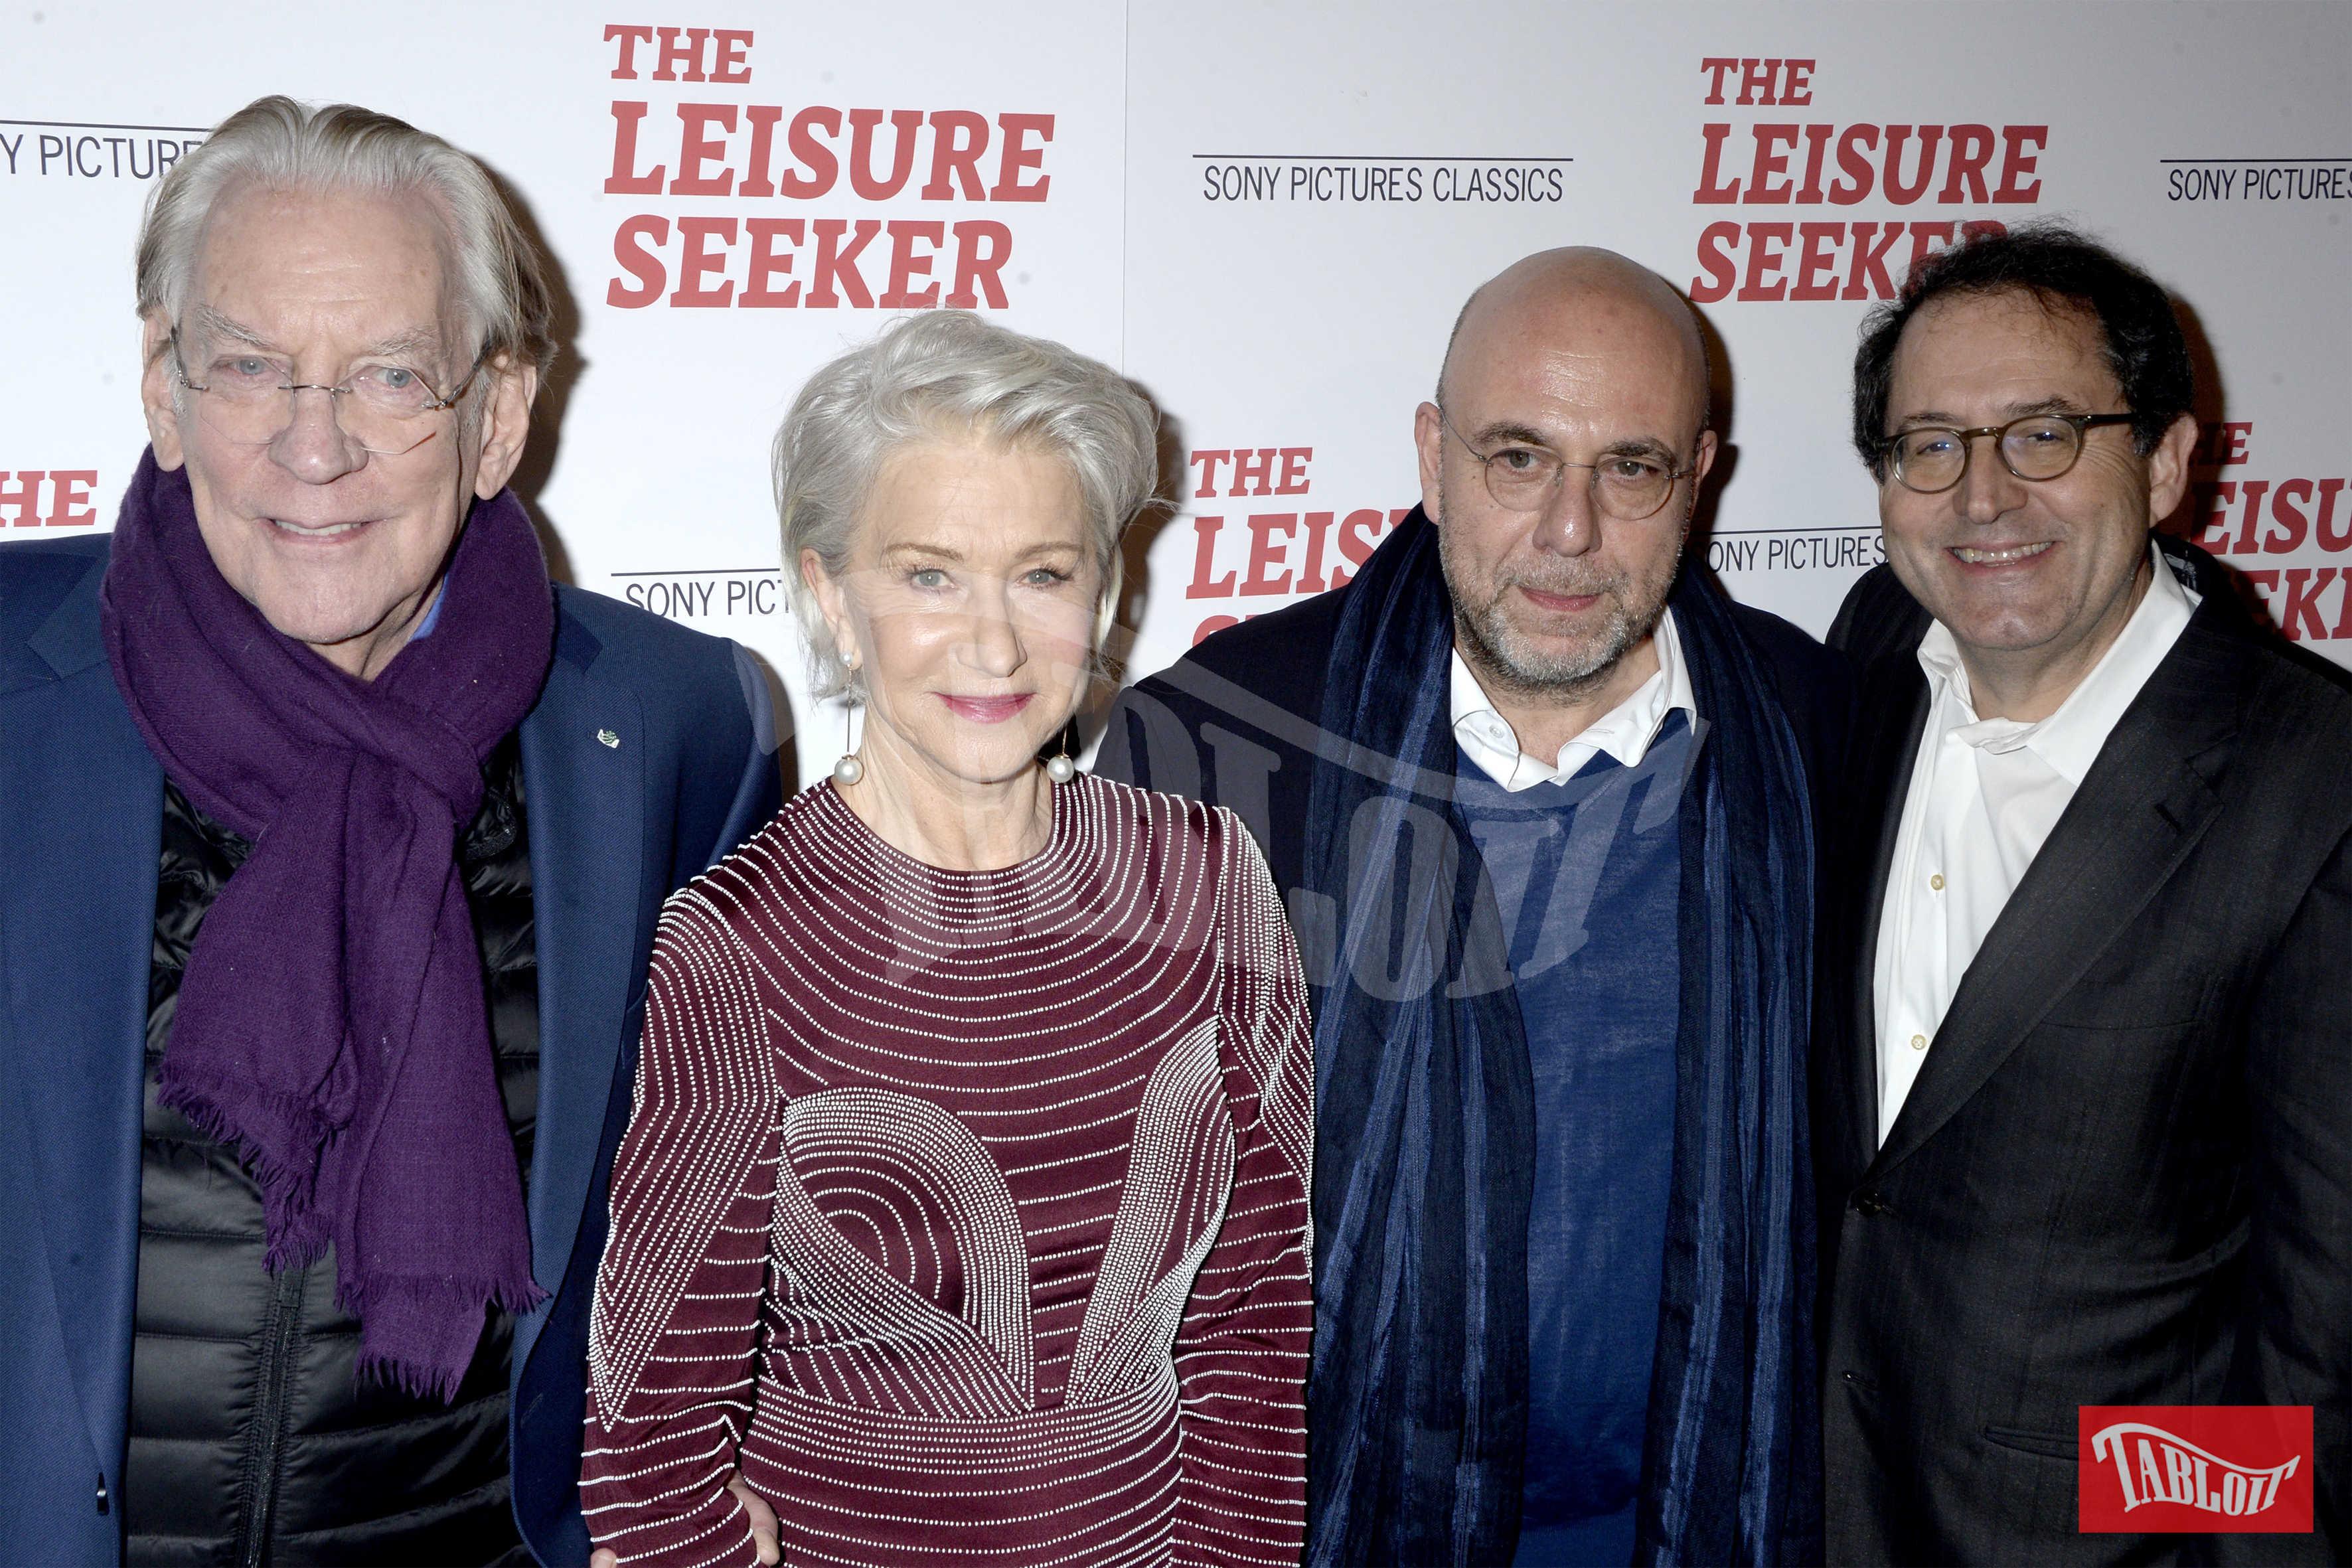 Donald Sutherland, Helen Mirren, Paolo Virzì e il presidente della Sony Pictures Classics Michael Barker